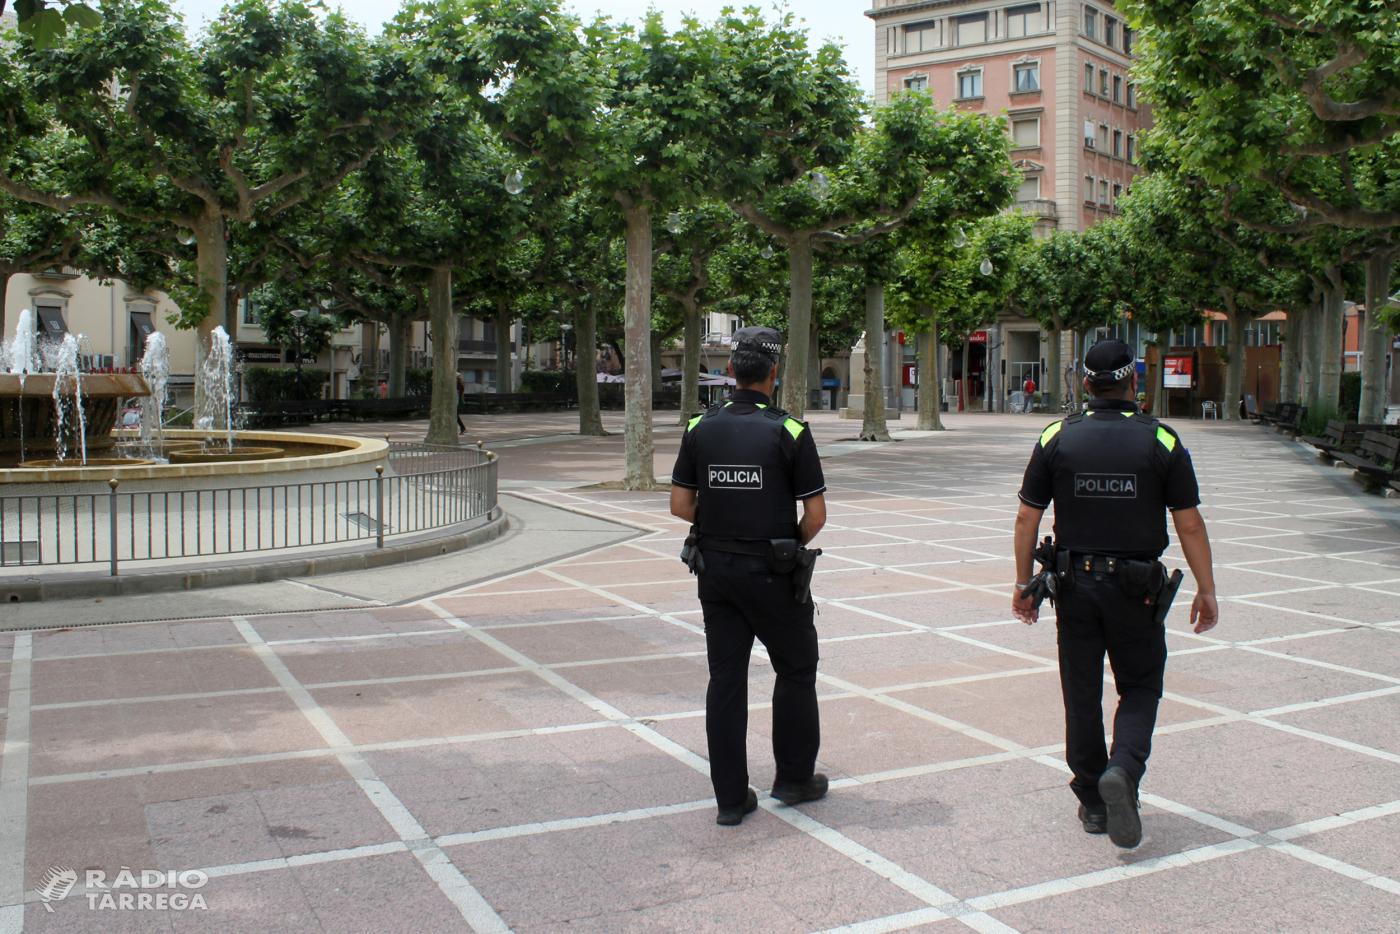 La Policia Local de Tàrrega denuncia dos homes per presumptes delictes de falsedat documental i ús inadequat de targetes per a persones amb discapacitat